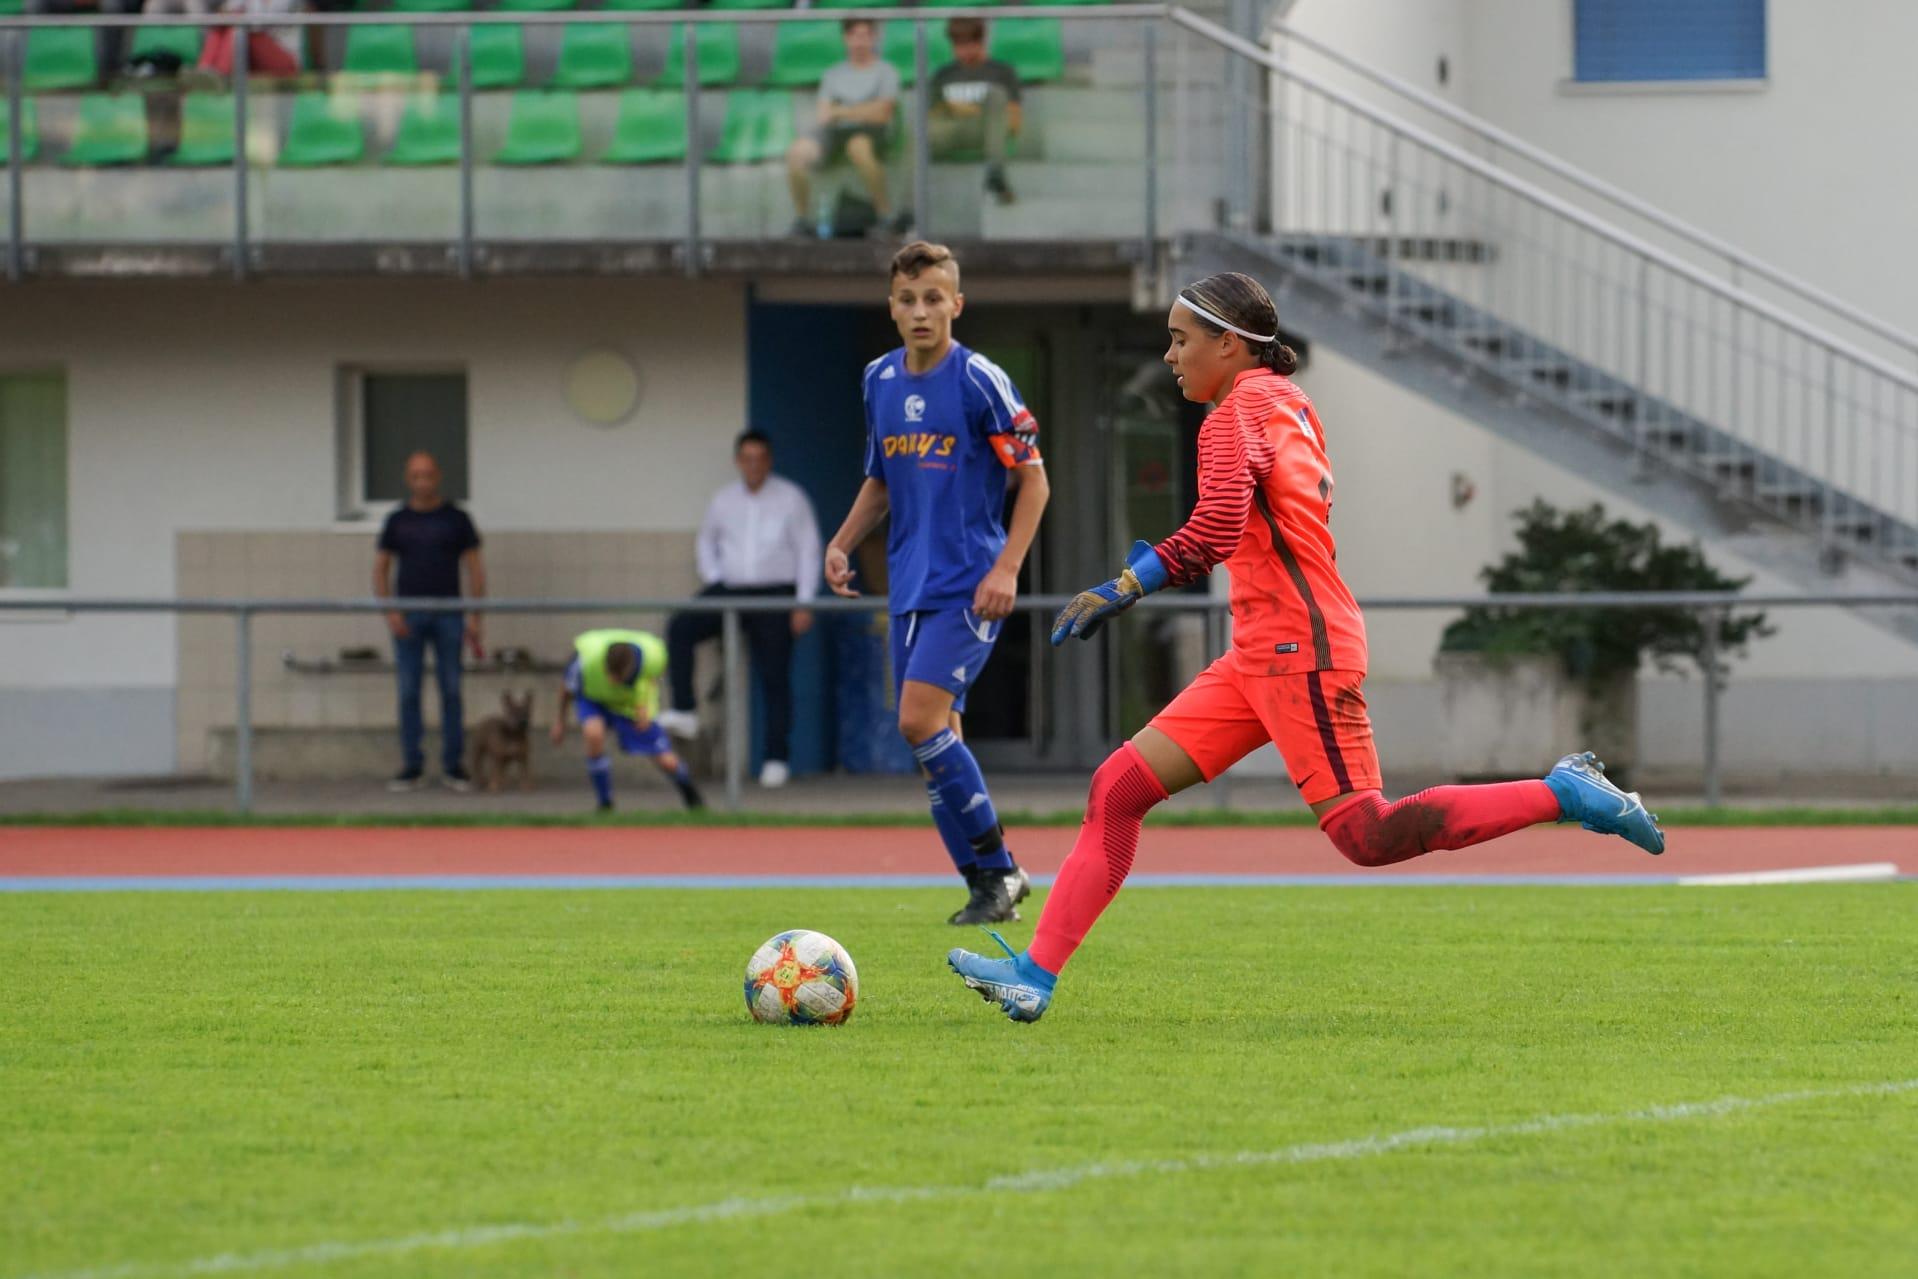 U17: Ibach/Schwyz-FCL 28-09-2019